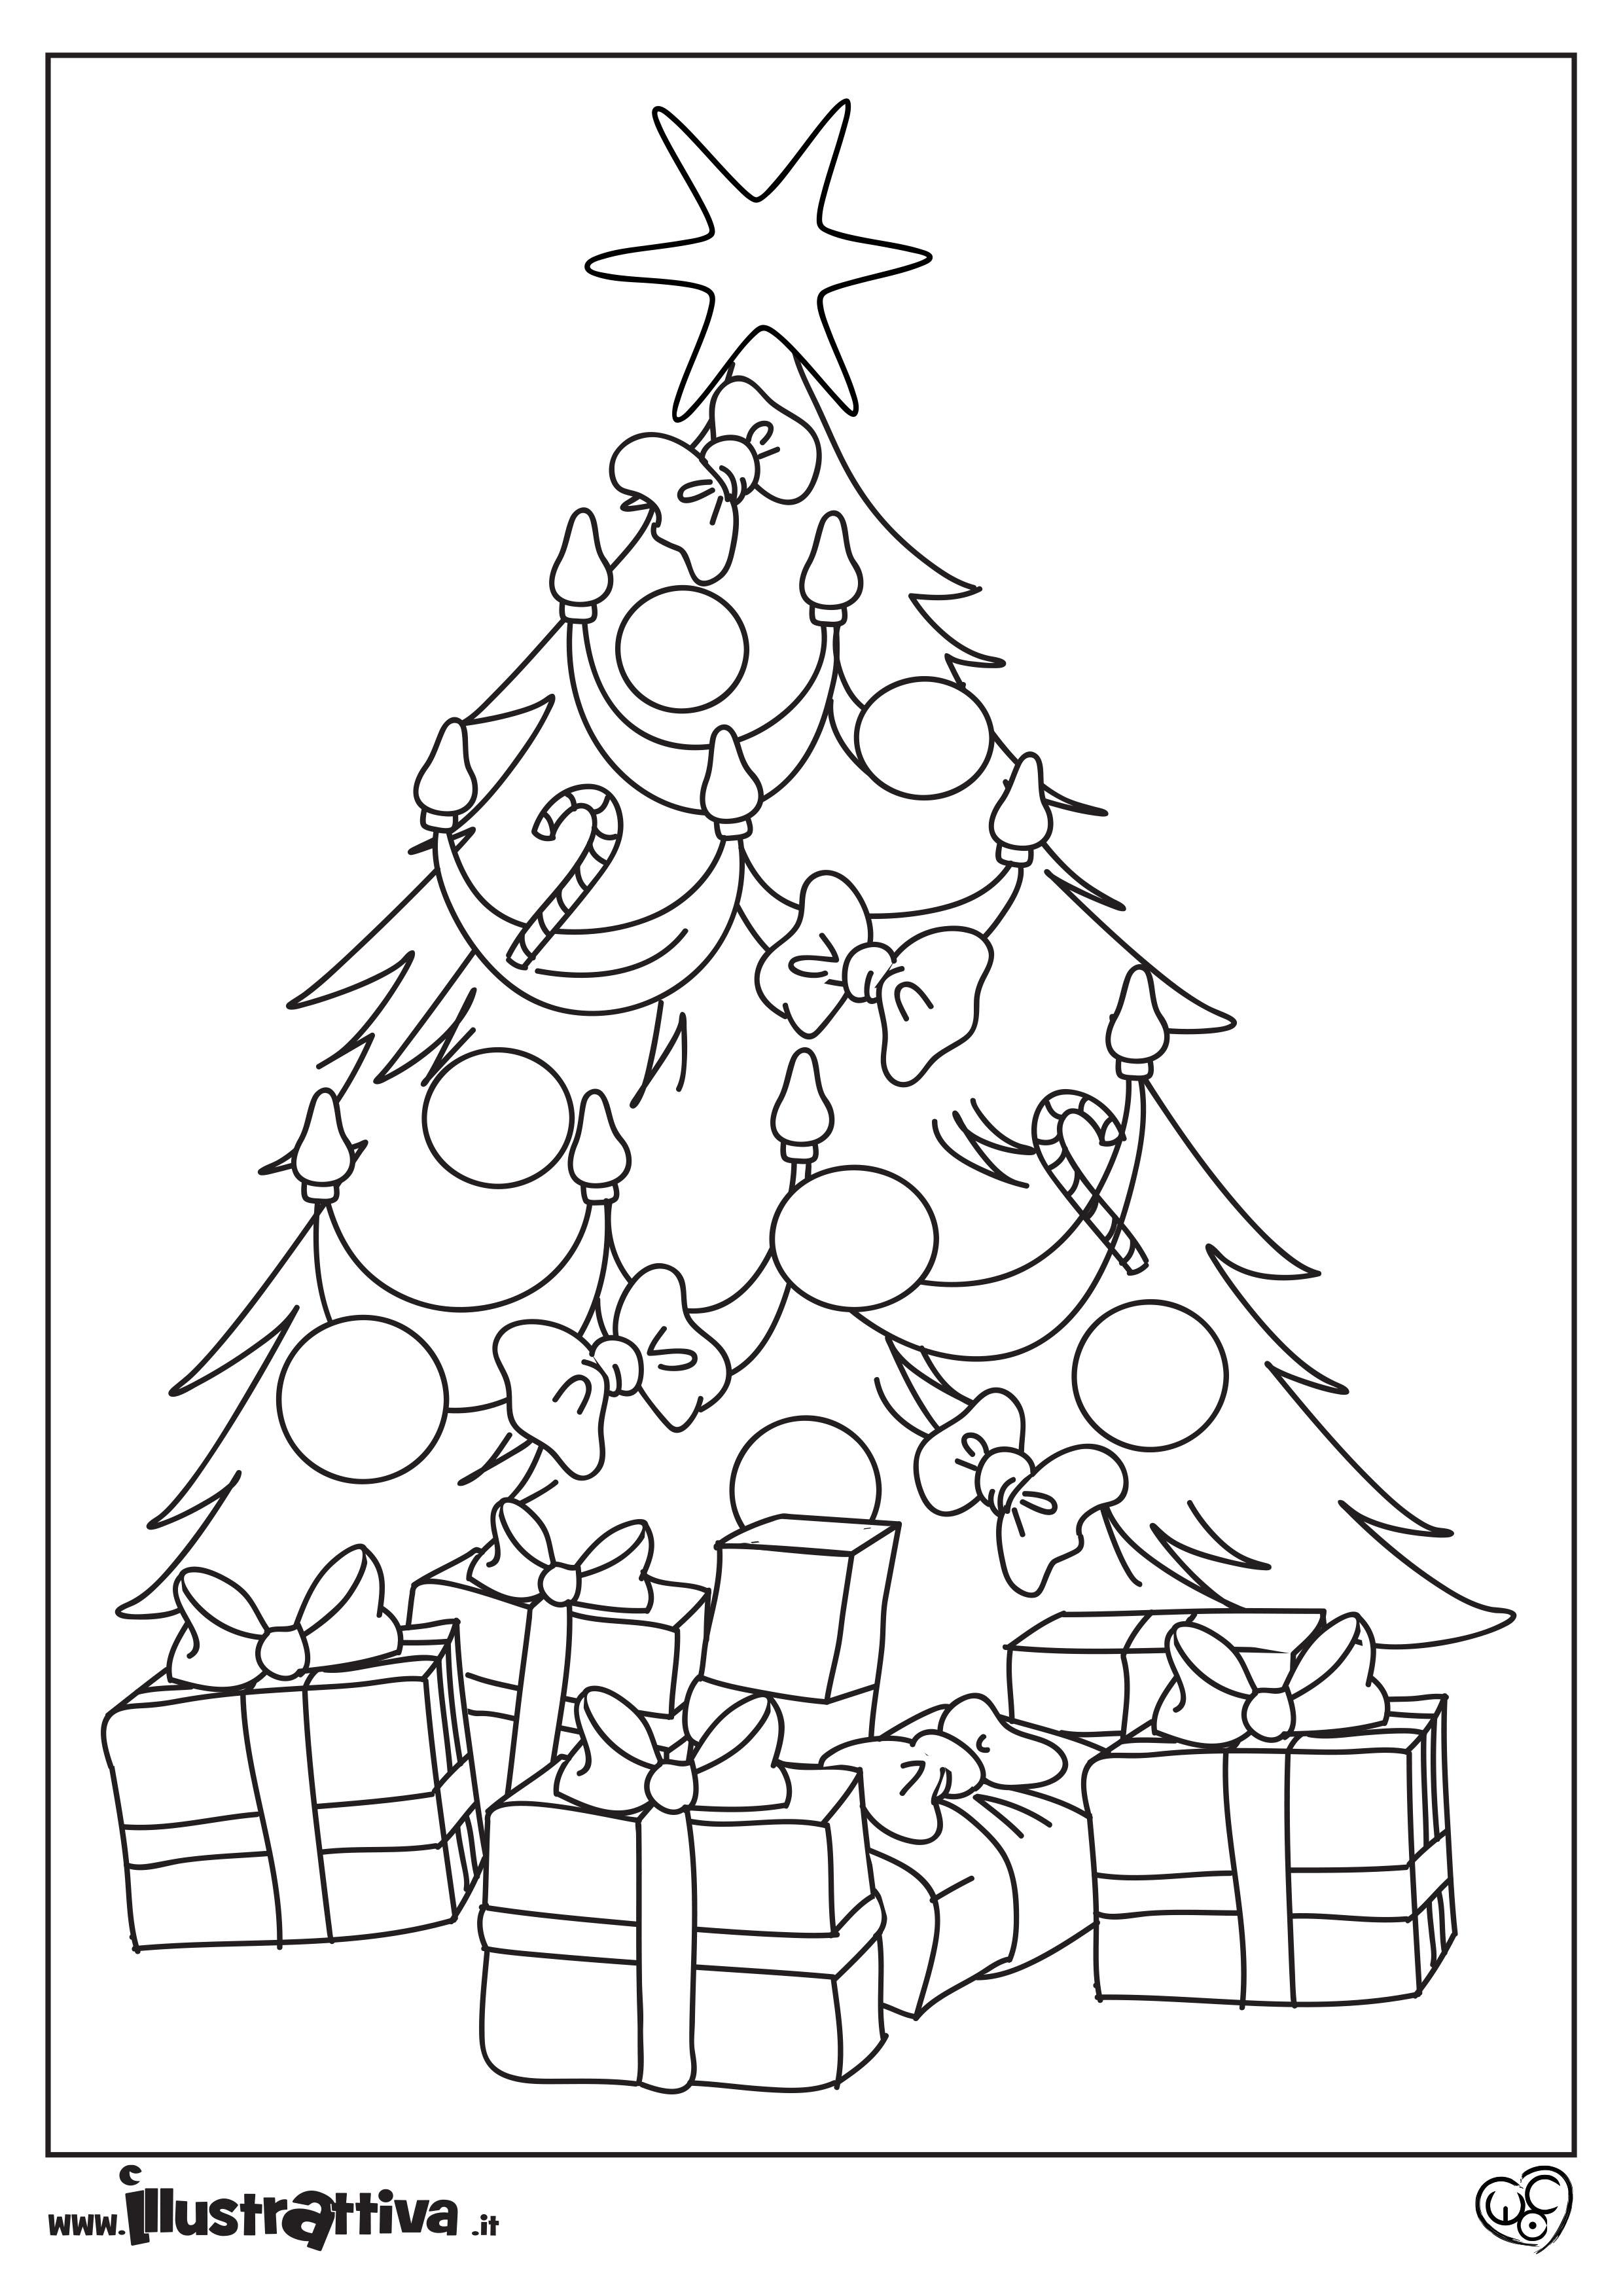 Albero Natale Da Colorare Per Bambini.Albero Da Colorare Illustrattiva Libri Illustrati Ebook Per Bambini